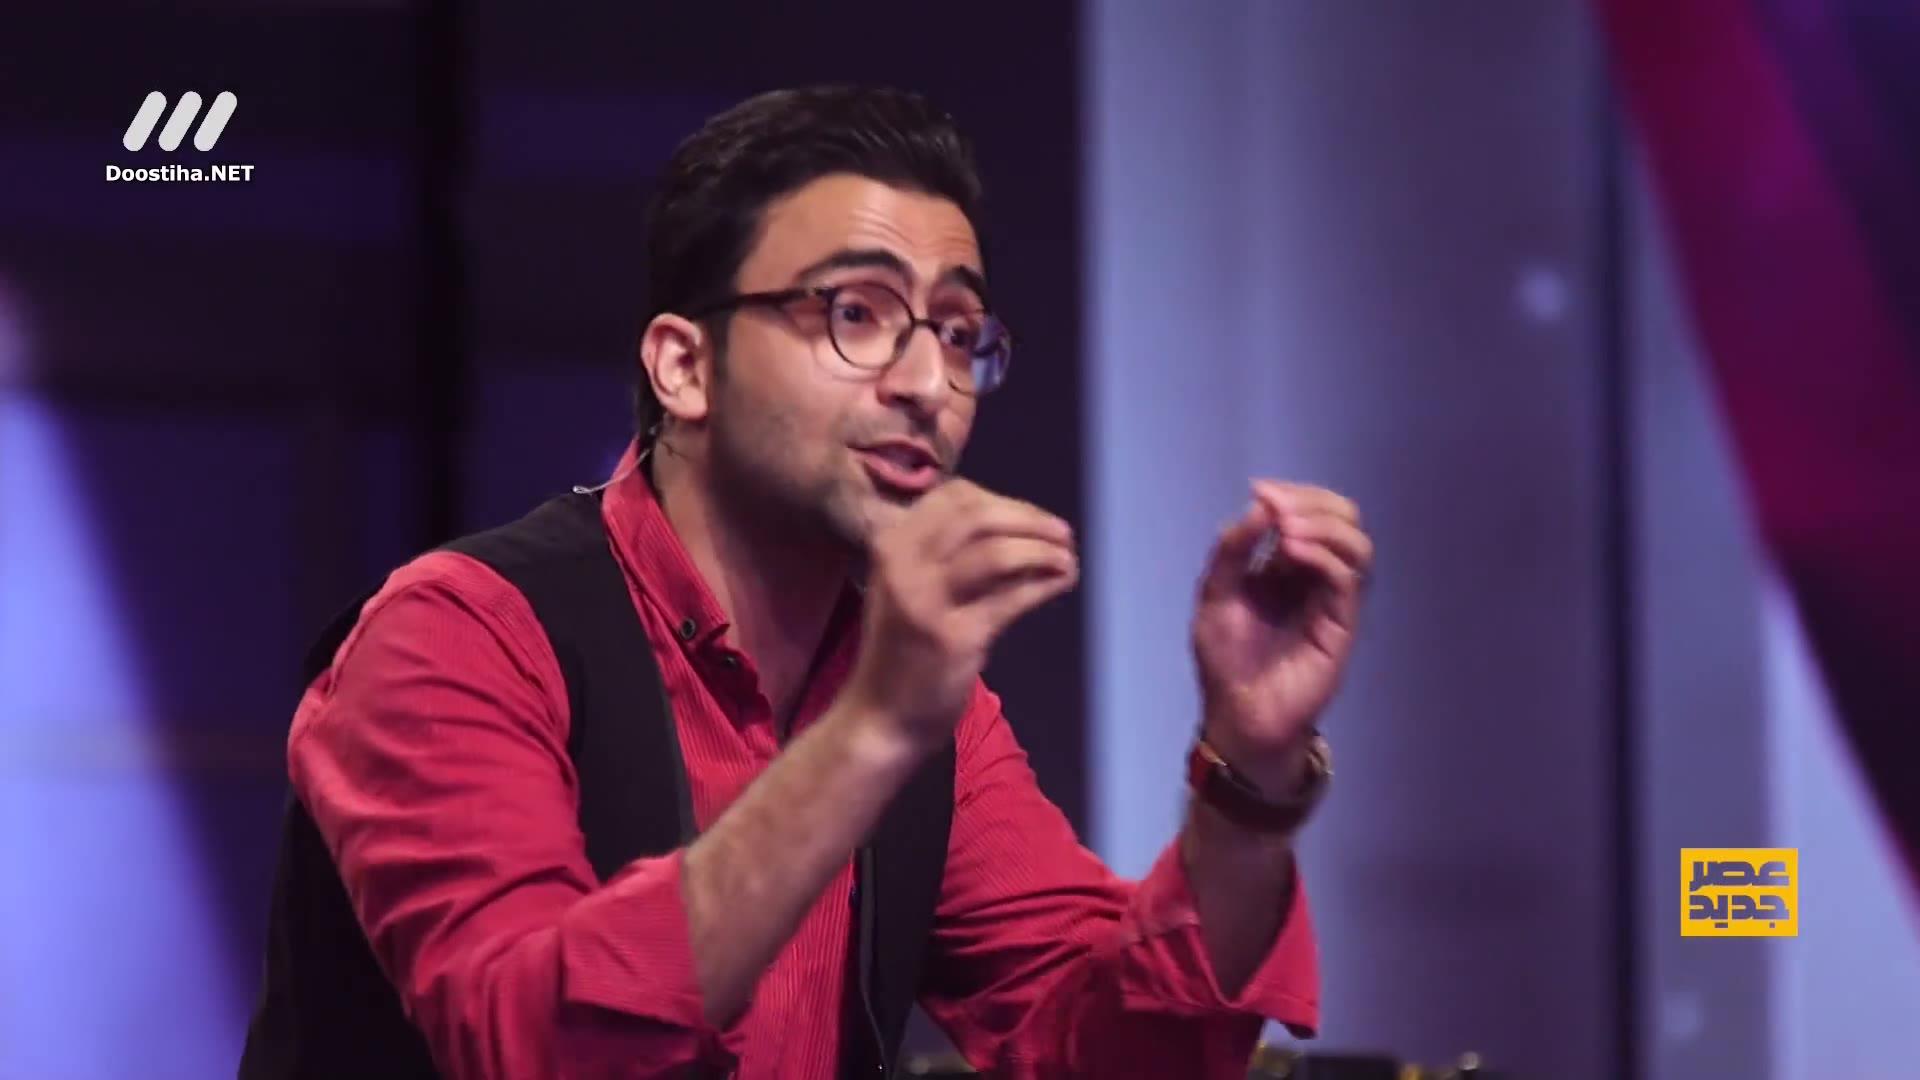 قسمت دهم مرحله دوم عصر جدید؛ استندآپ کمدی سید علی زرگر و شوخی با داوران عصر جدید